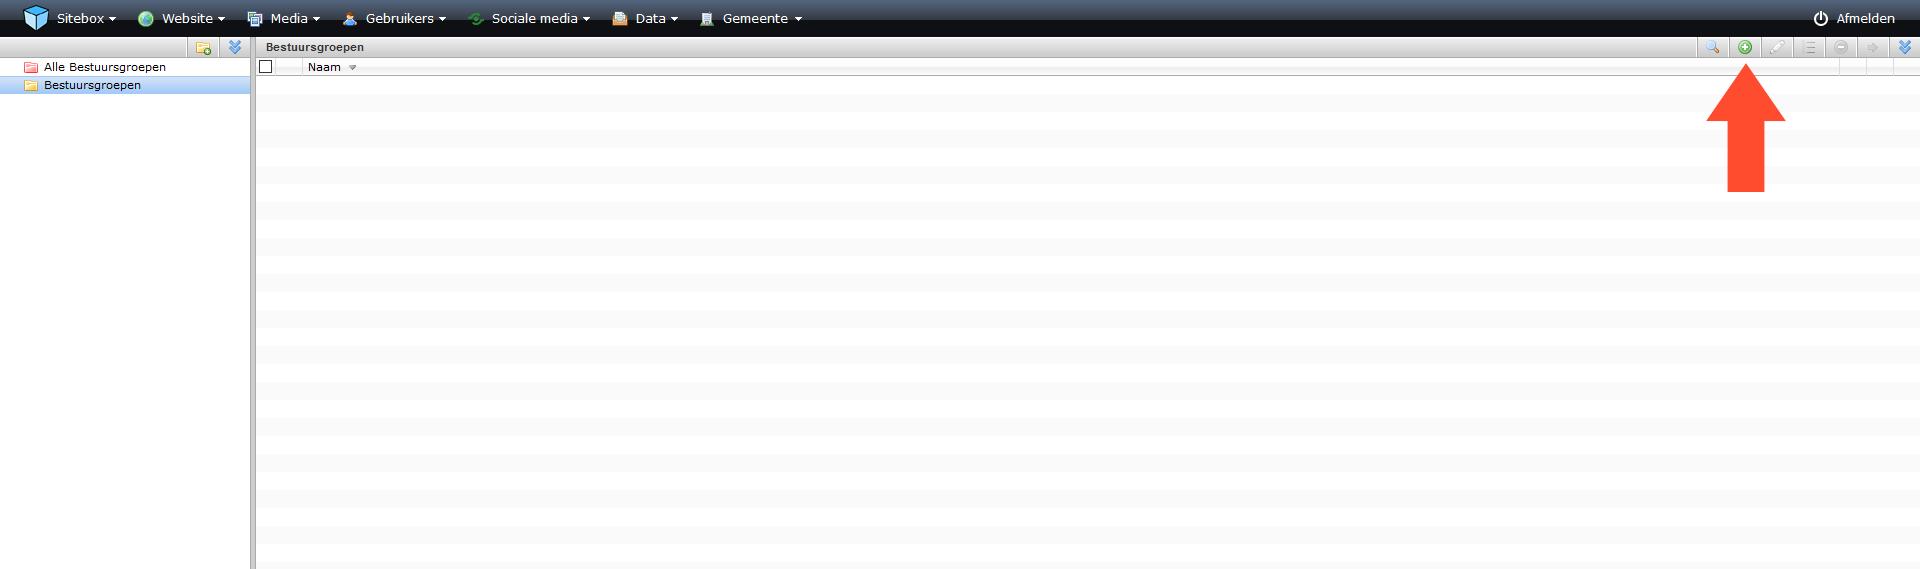 schermafdruk van de module bestuursgroepen met een pijl naar de actieknop toevoegen